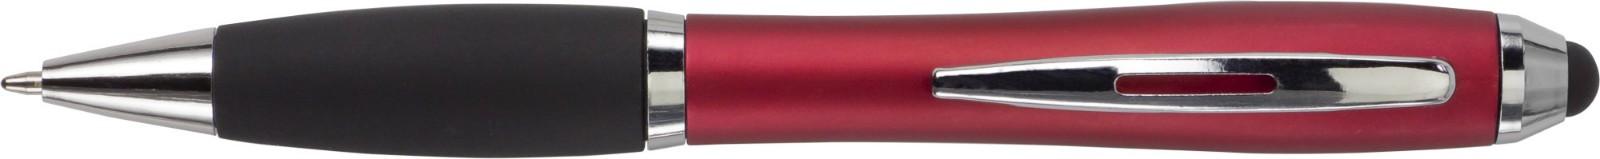 Kugelschreiber 'Bristol' aus Kunststoff - Red